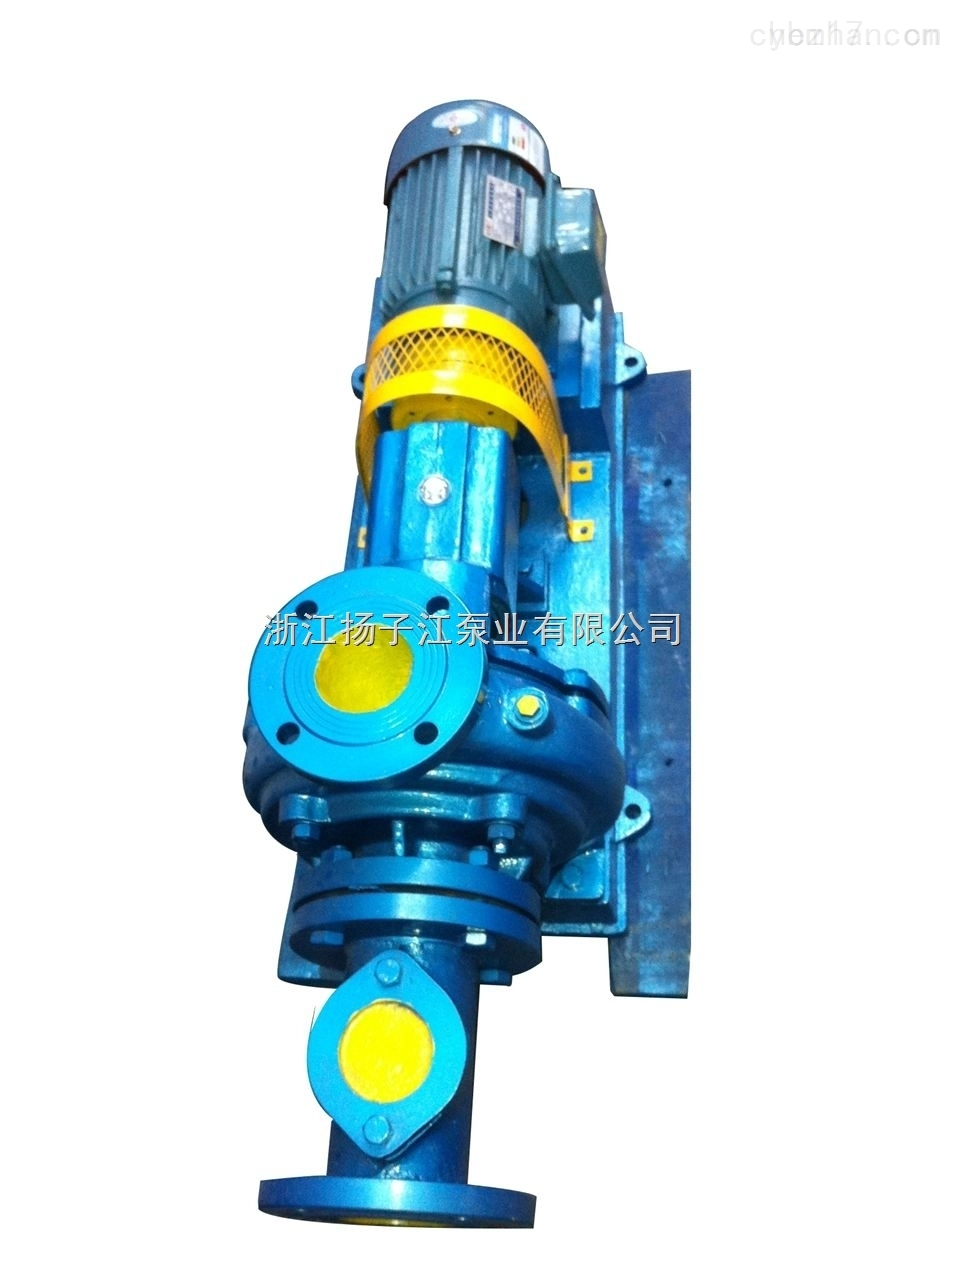 100XWJZ60-18纸浆泵 无堵塞纸浆泵 造纸泵